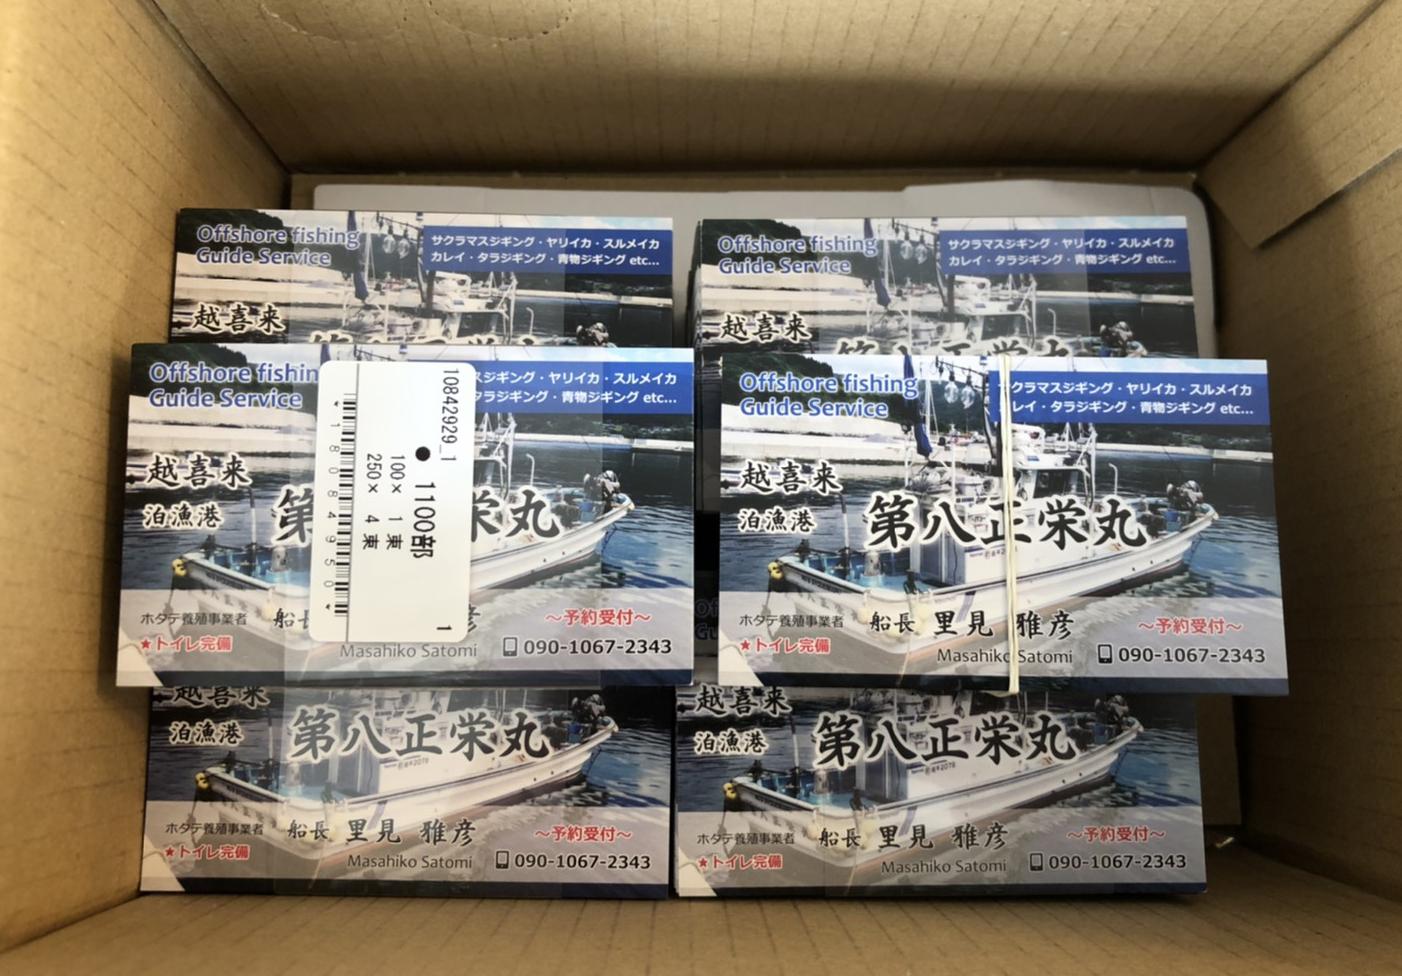 釣り船 岩手 大船渡市 越喜来 泊漁港 第八正栄丸 様 名刺デザイン